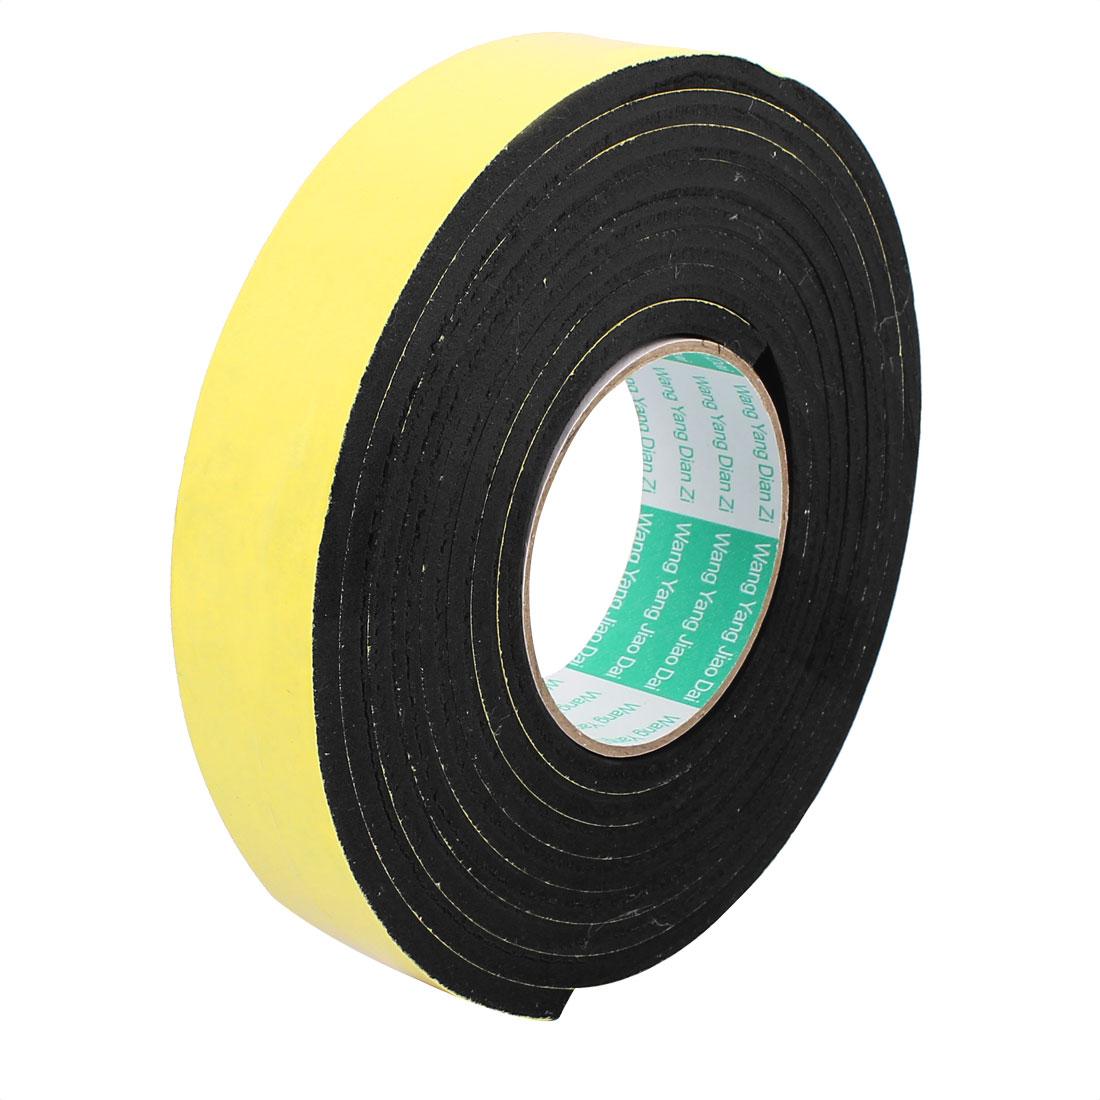 35mm Width Single Side Self Adhesive Shockproof Sponge Foam Tape 2 Meters Length